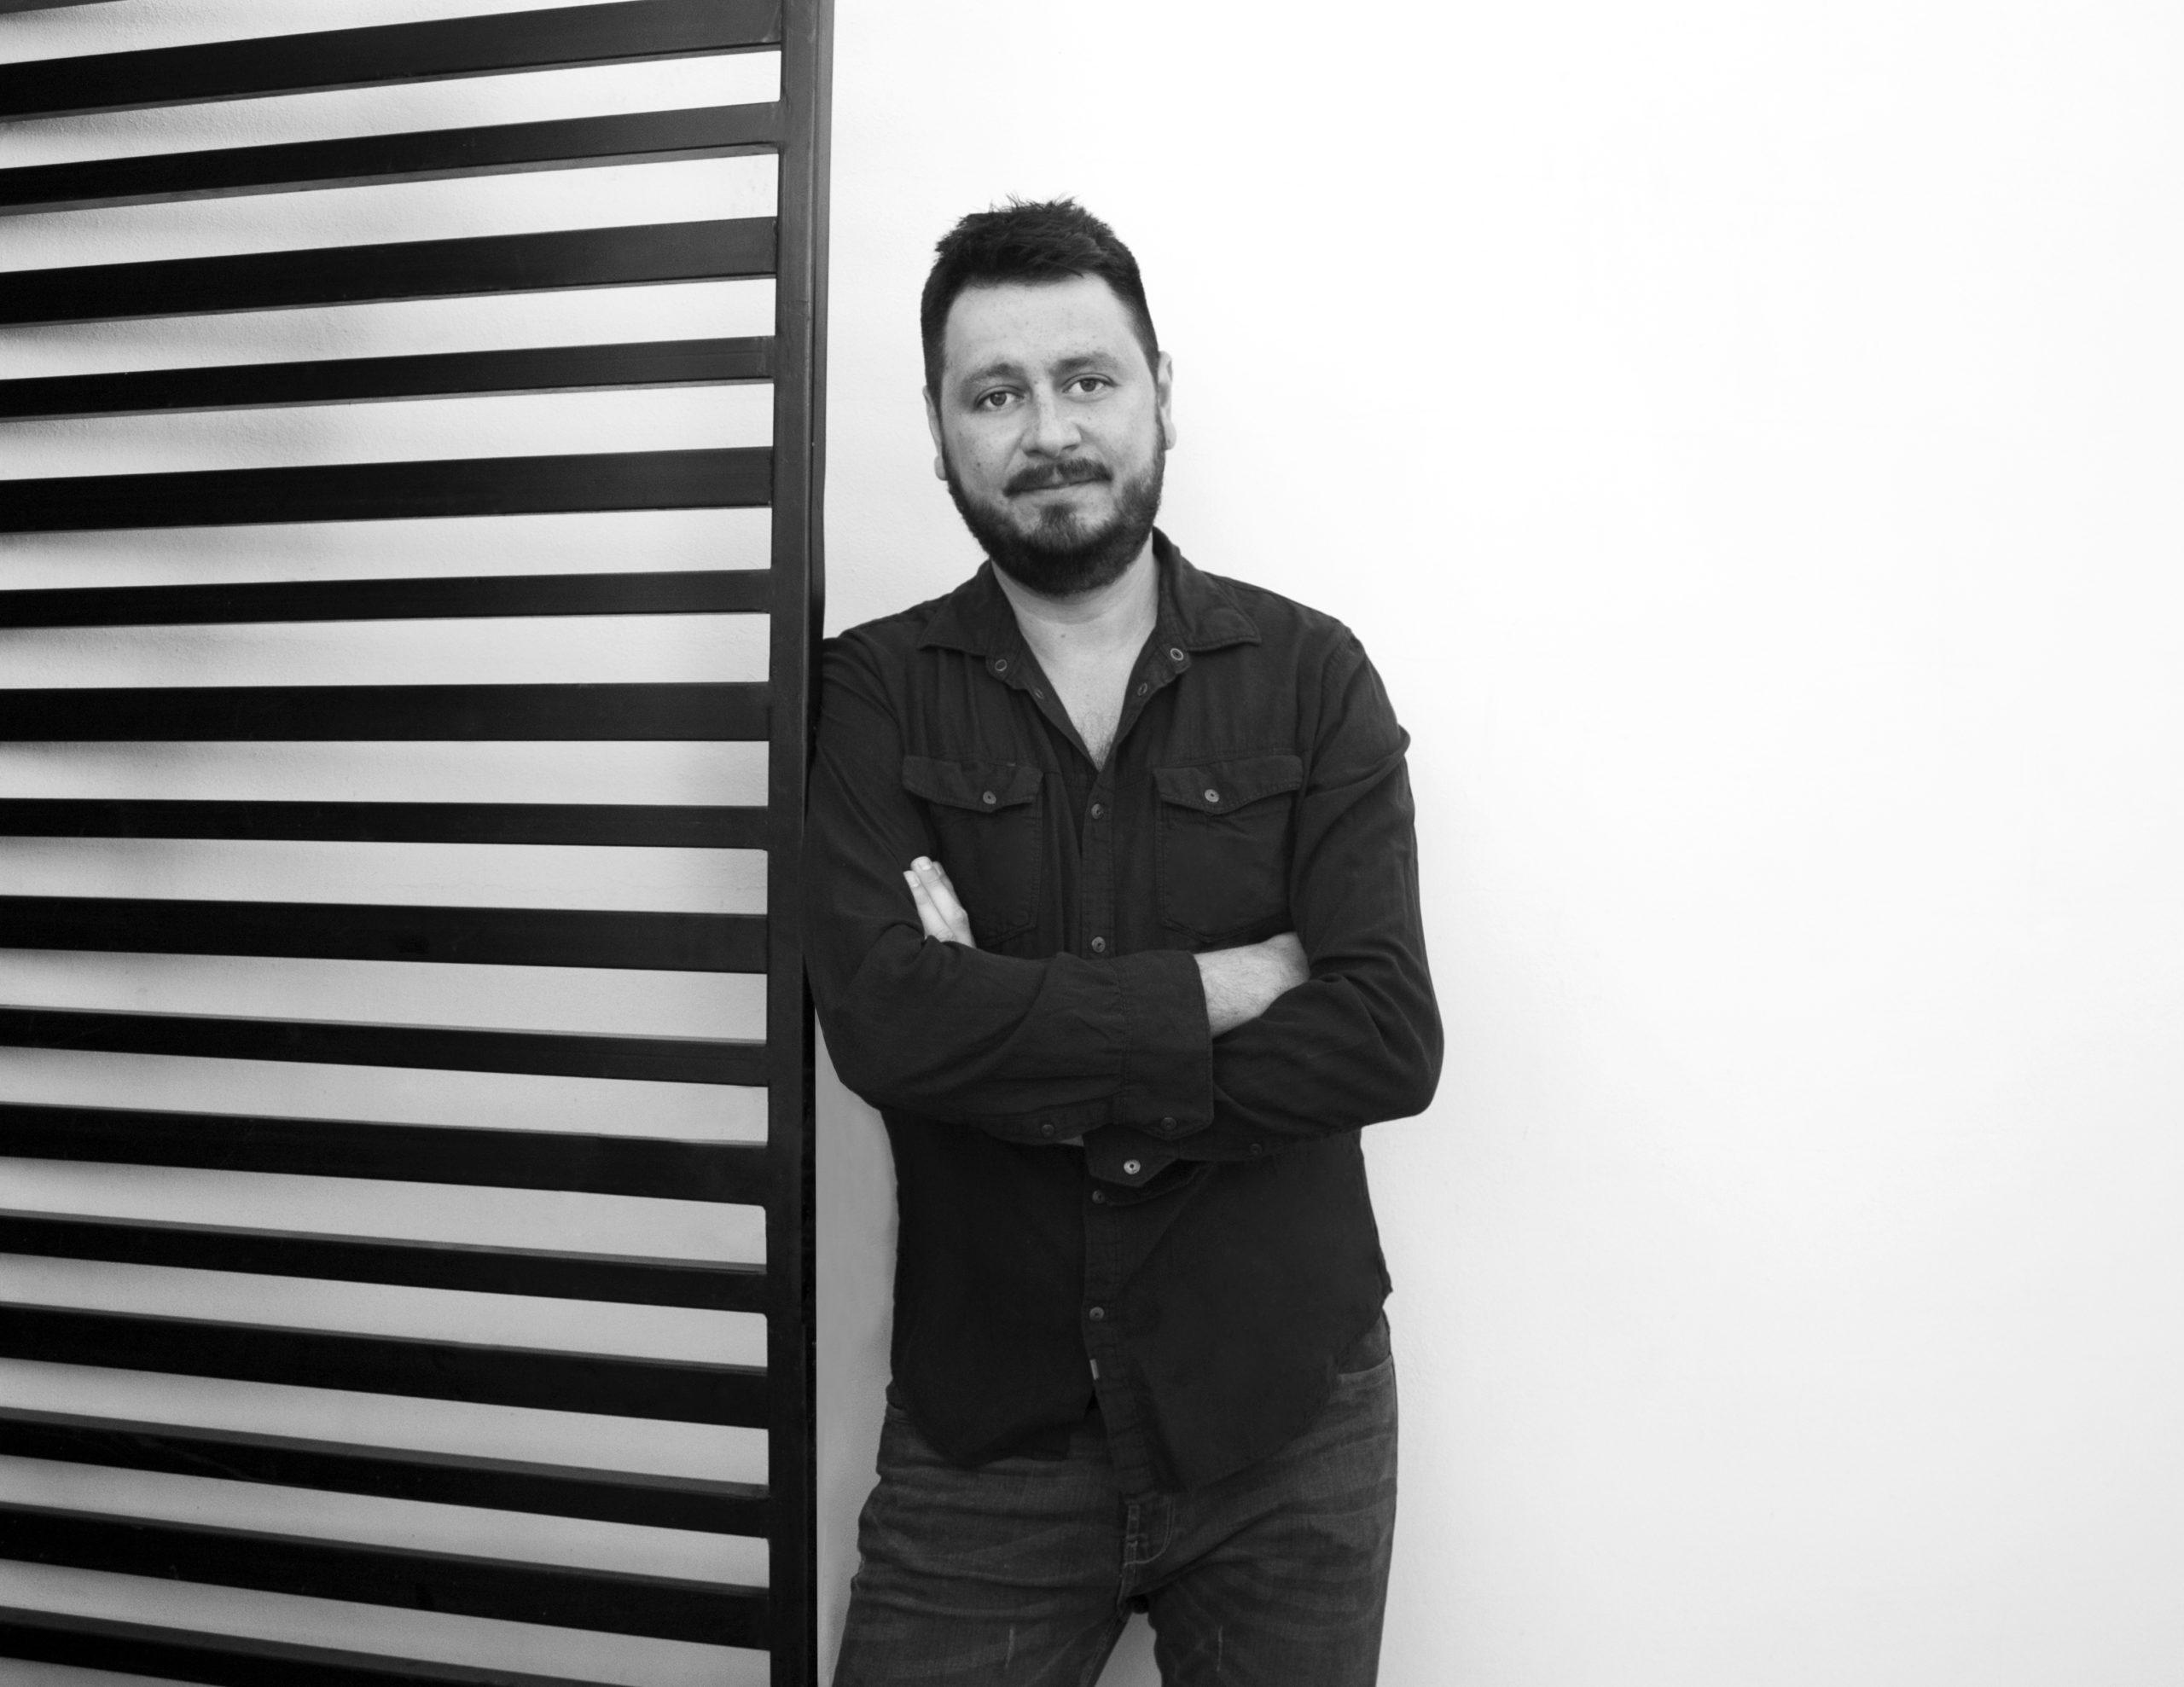 FOTO OFICIAL AARÓN CARRILLO